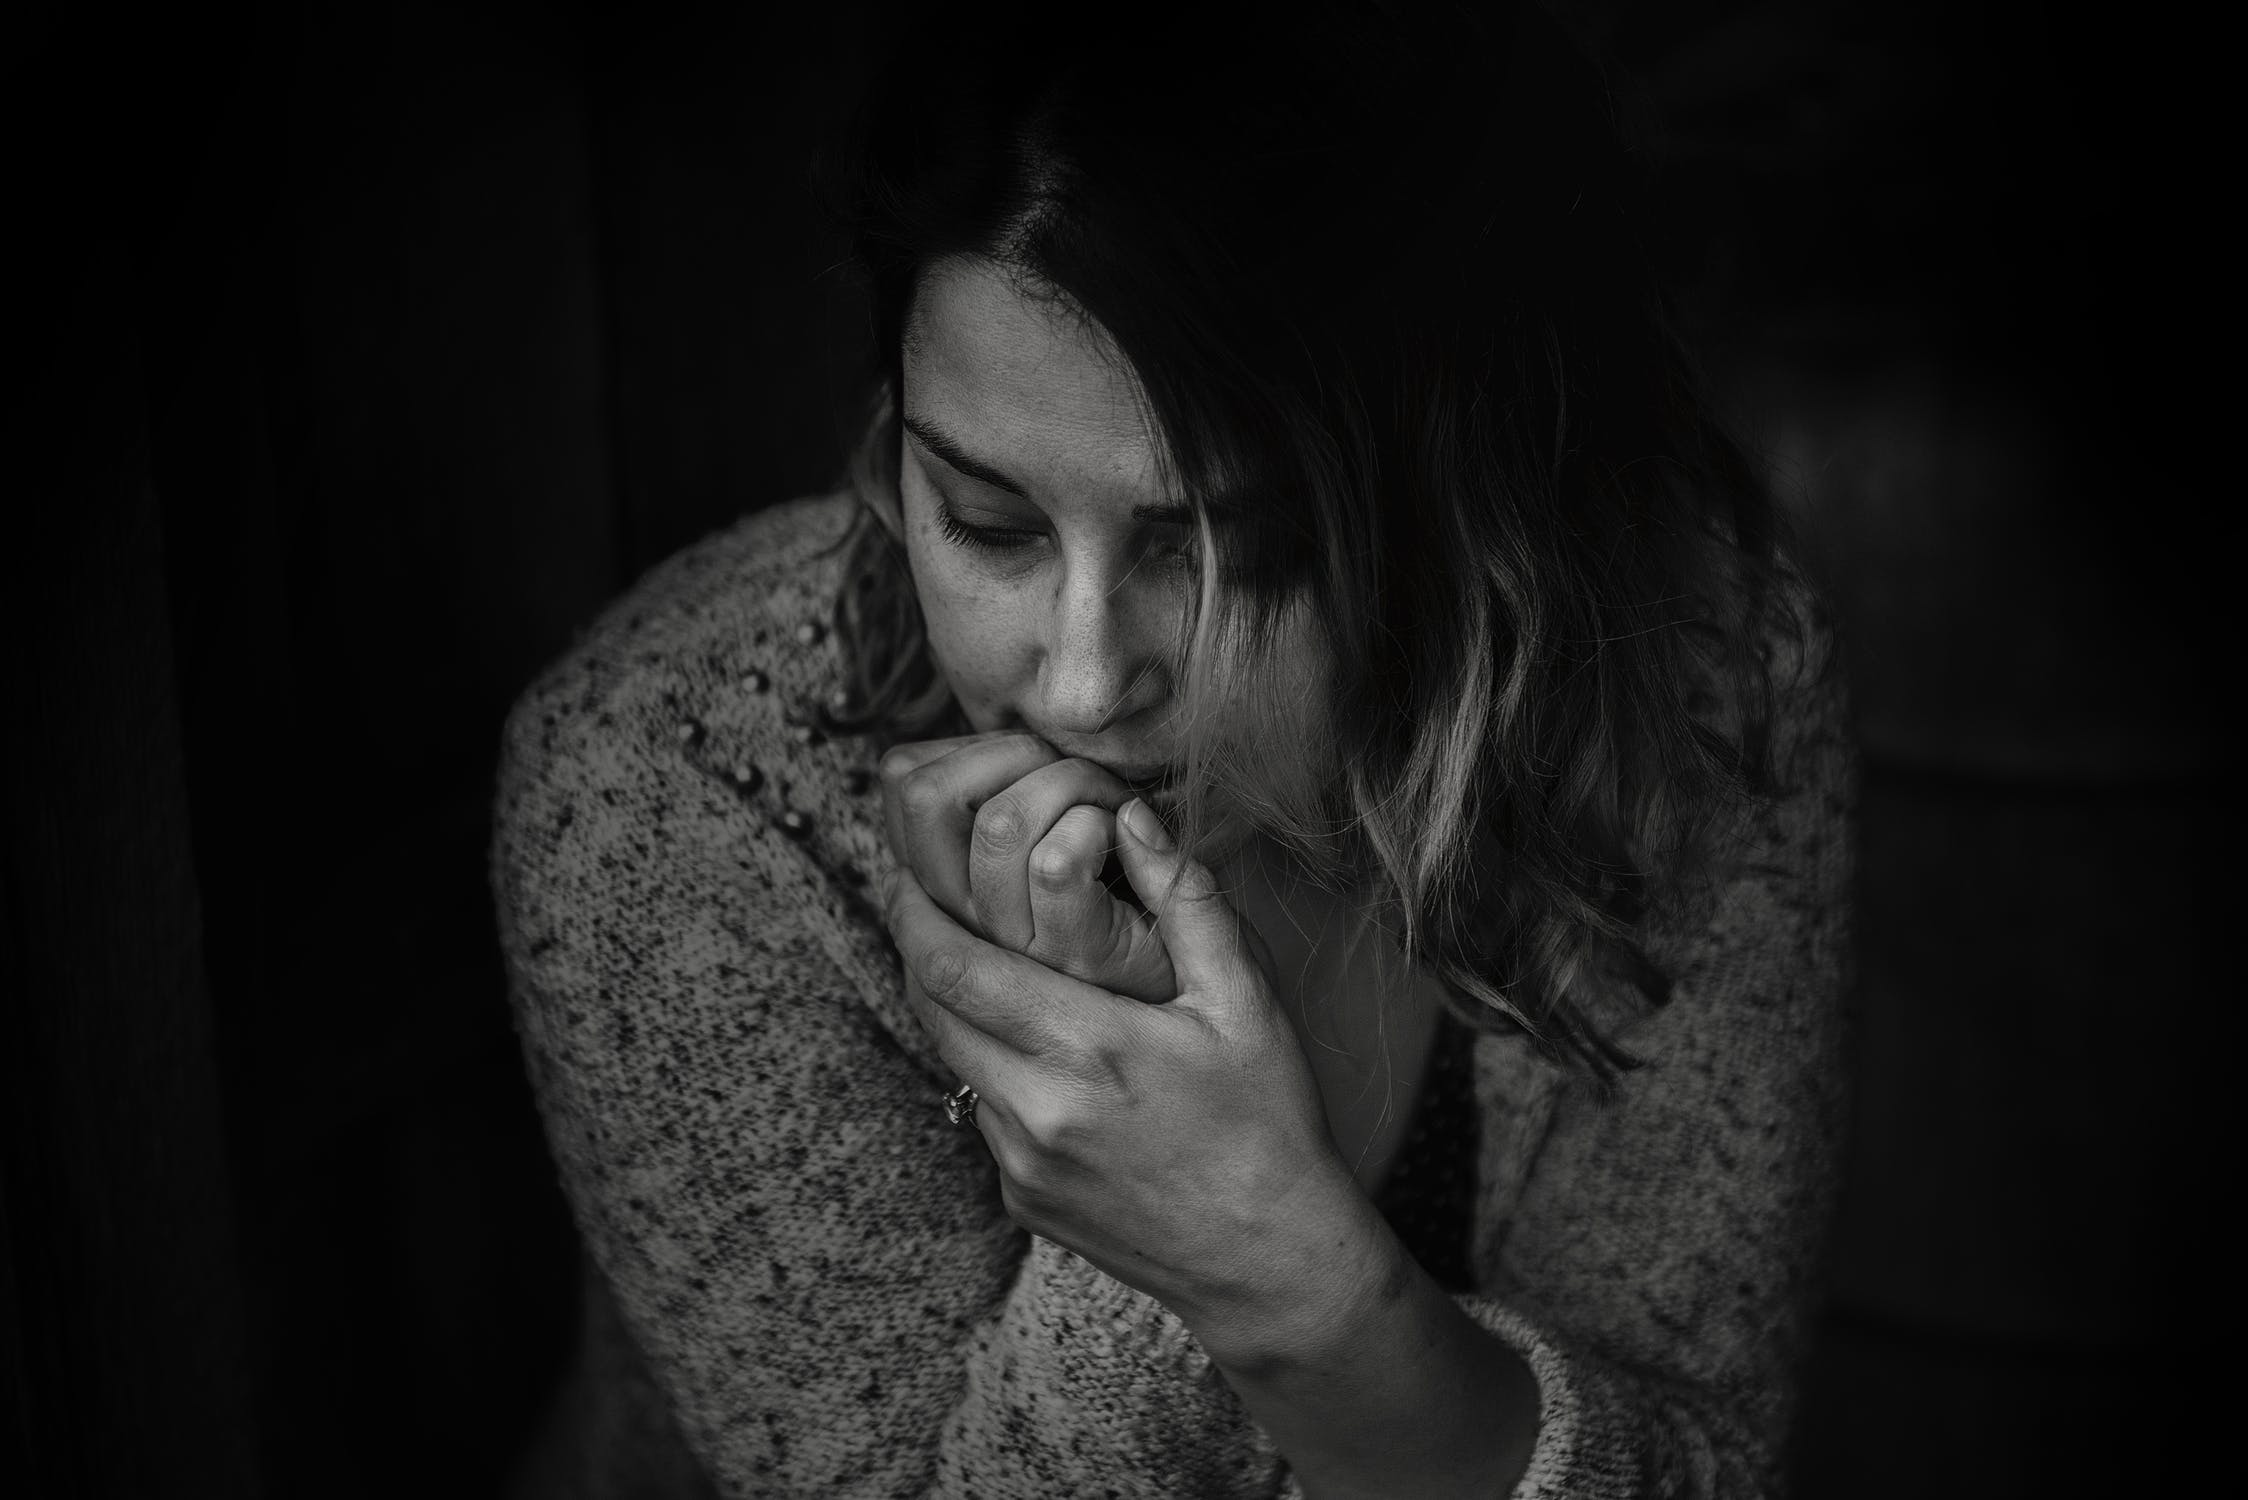 「子育てがうまくいかない」と悩む人の 3つの心理的傾向と対処策